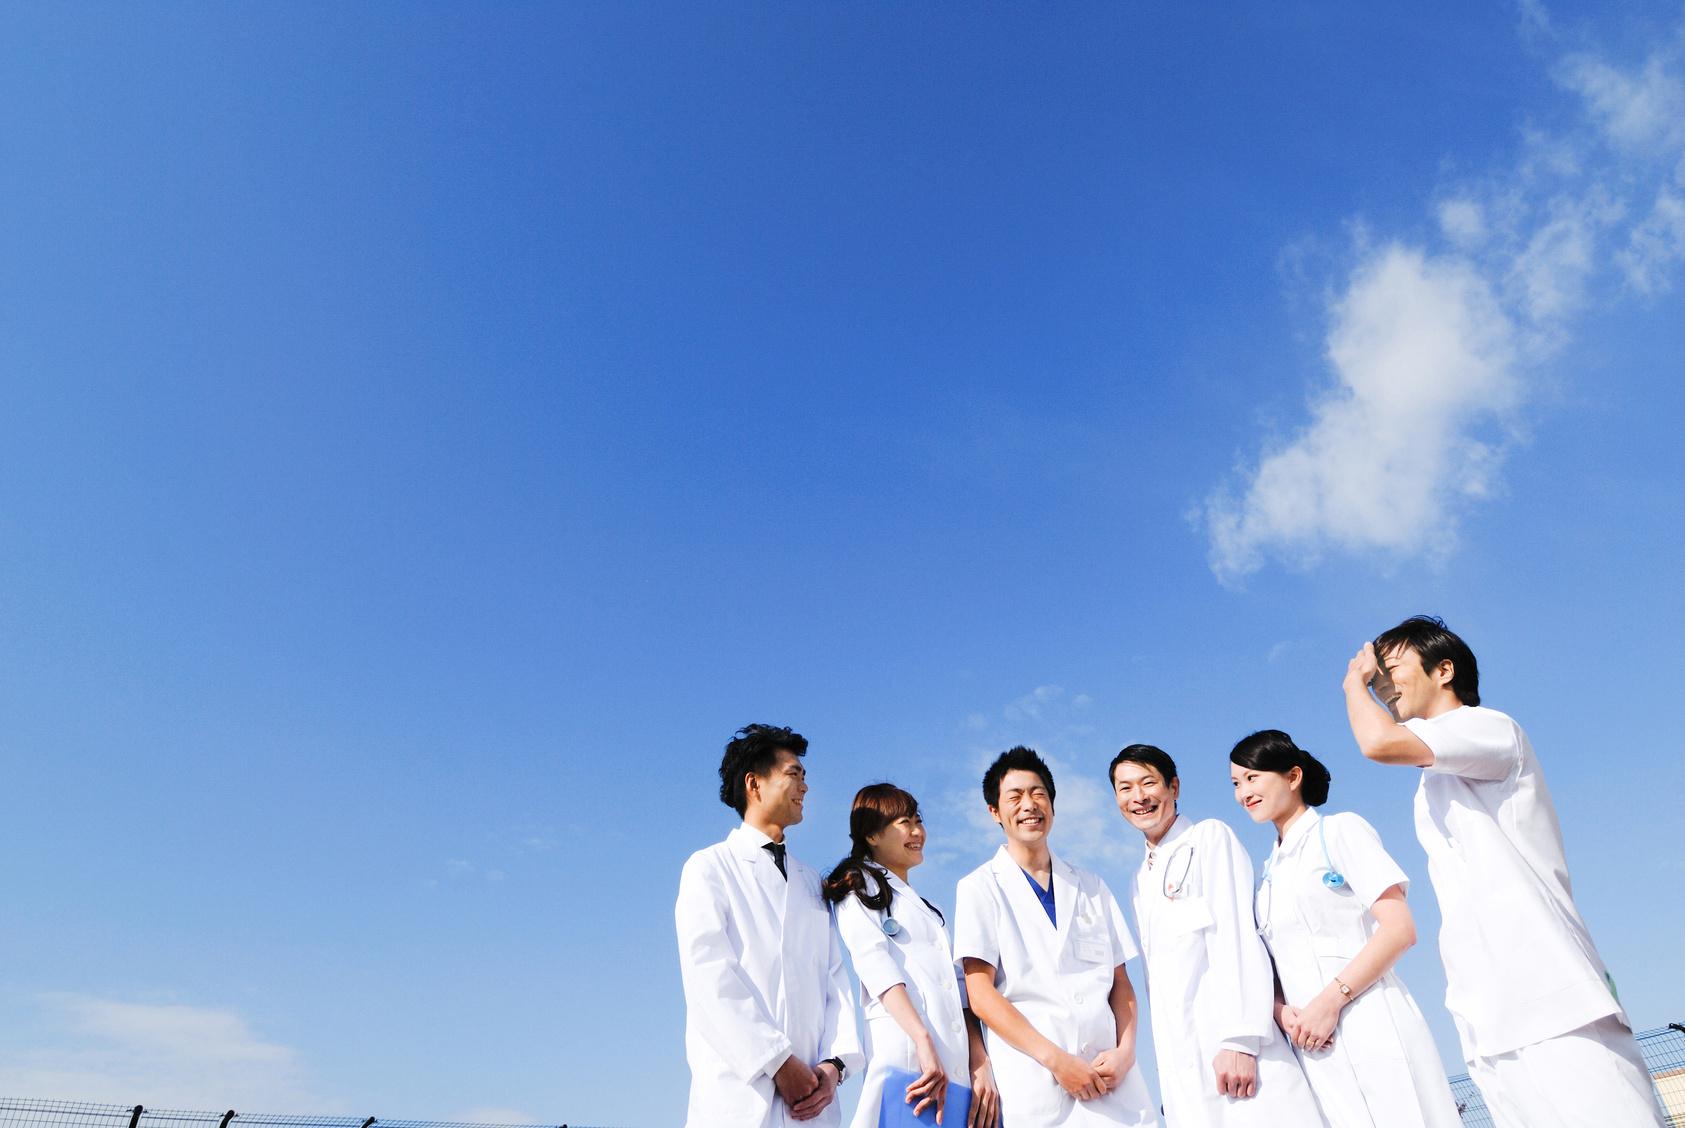 青空を背景に立つ医師・看護師